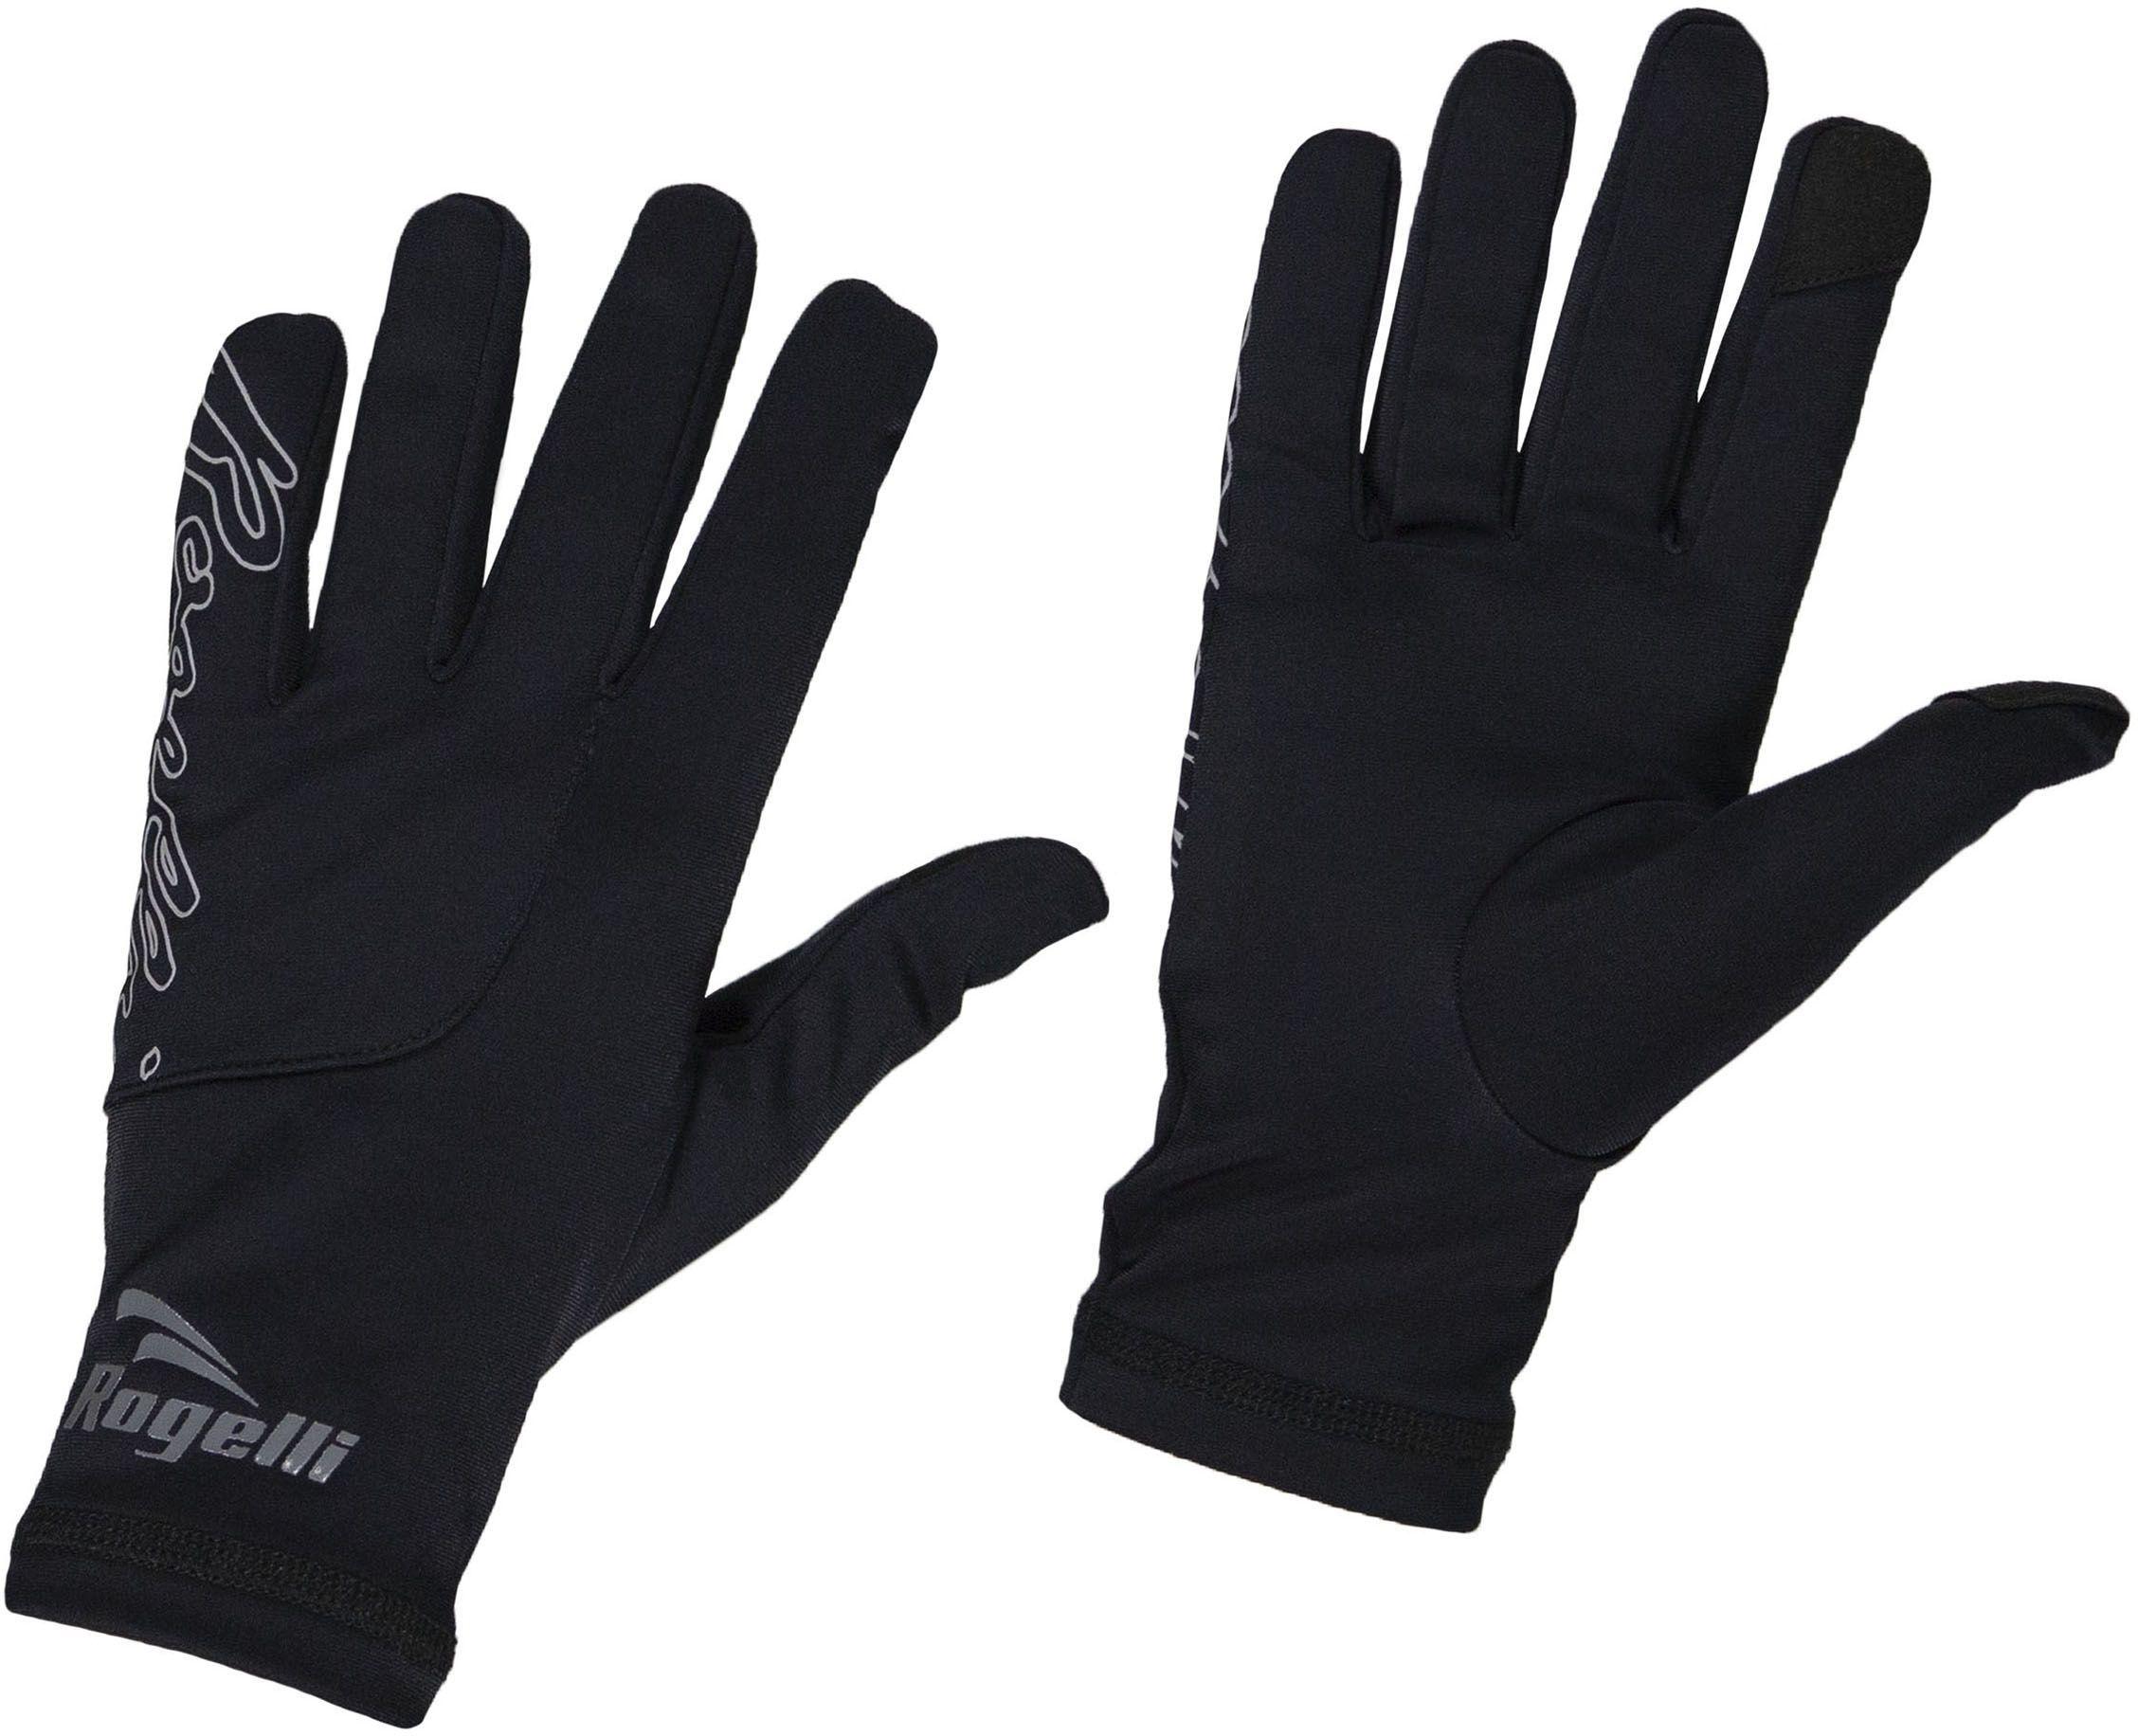 ROGELLI RUN 890.003 TOUCH damskie rękawiczki biegowe czarne Rozmiar: L,rogelli-touch-black-lds